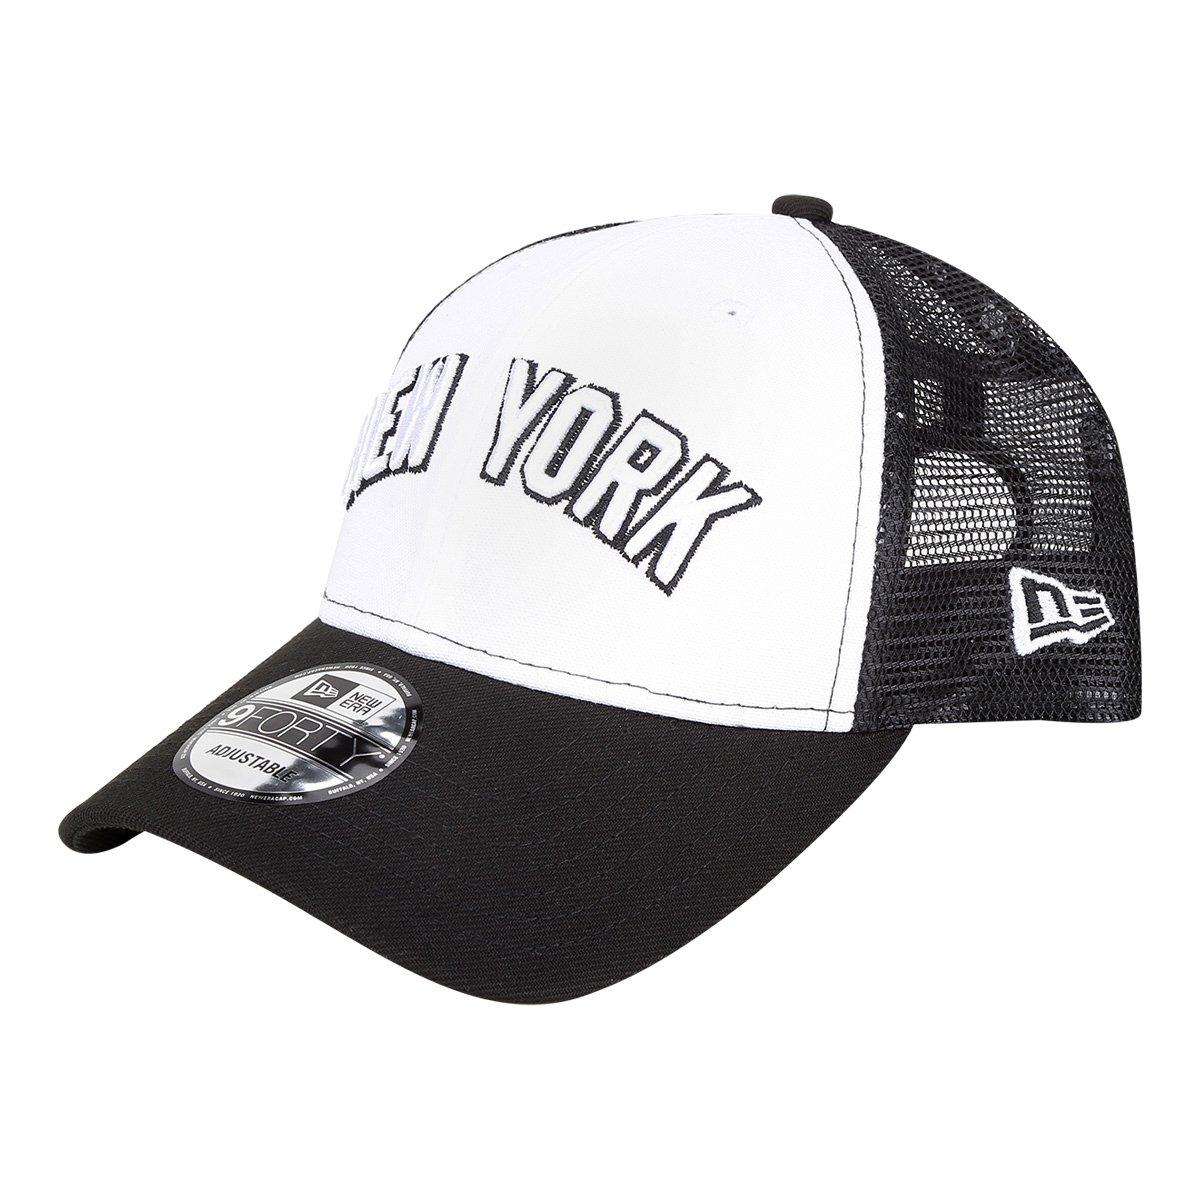 Boné New Era MLB New York Yankees Aba Curva 940 Sn Trucker - Branco e Preto  - Compre Agora  7ecf56bb4a4